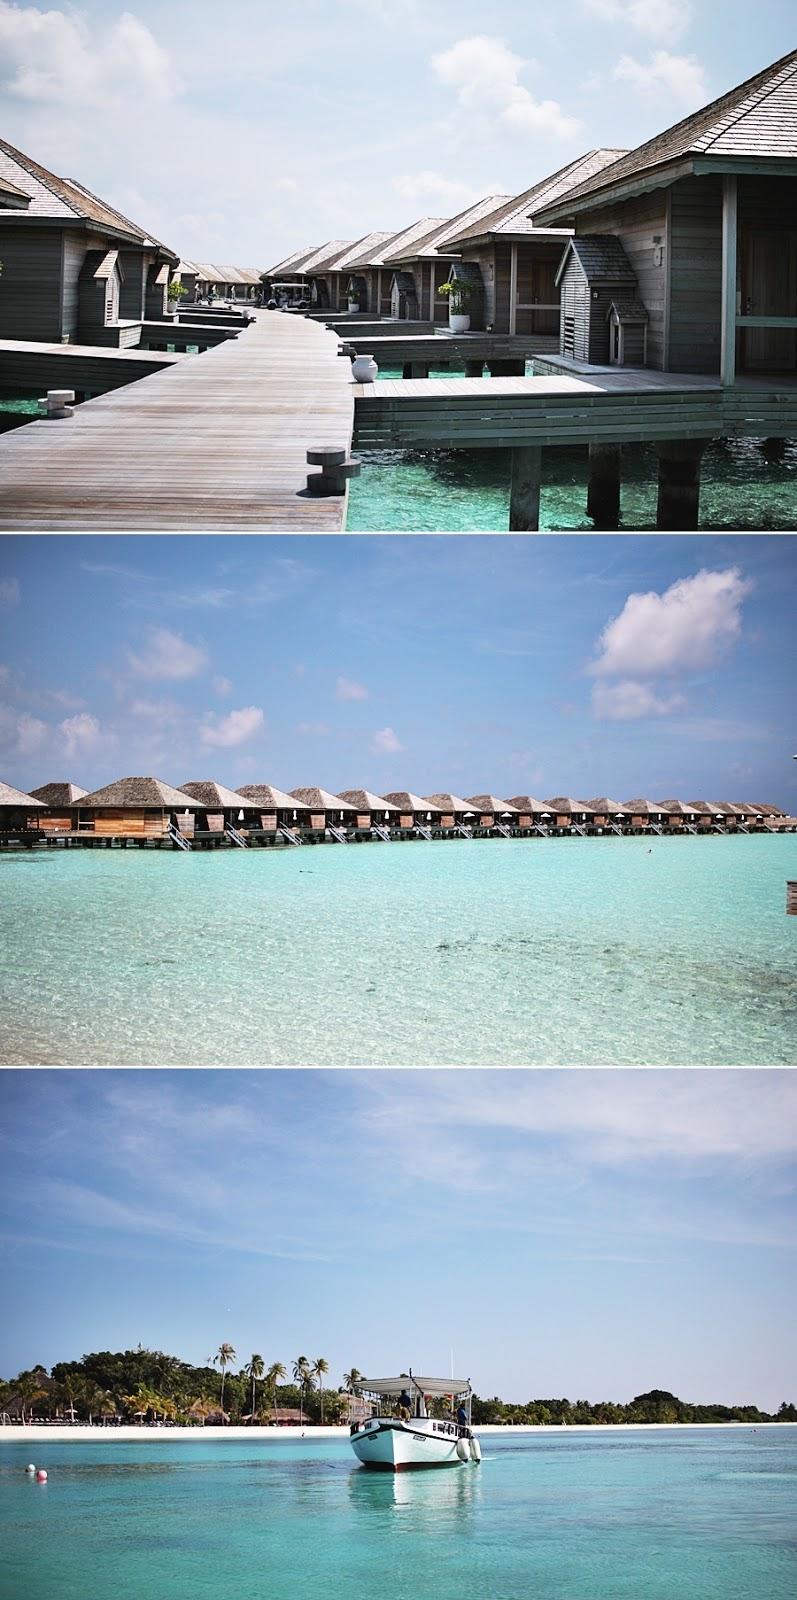 maldeiven reise planen urlaub strand paradies